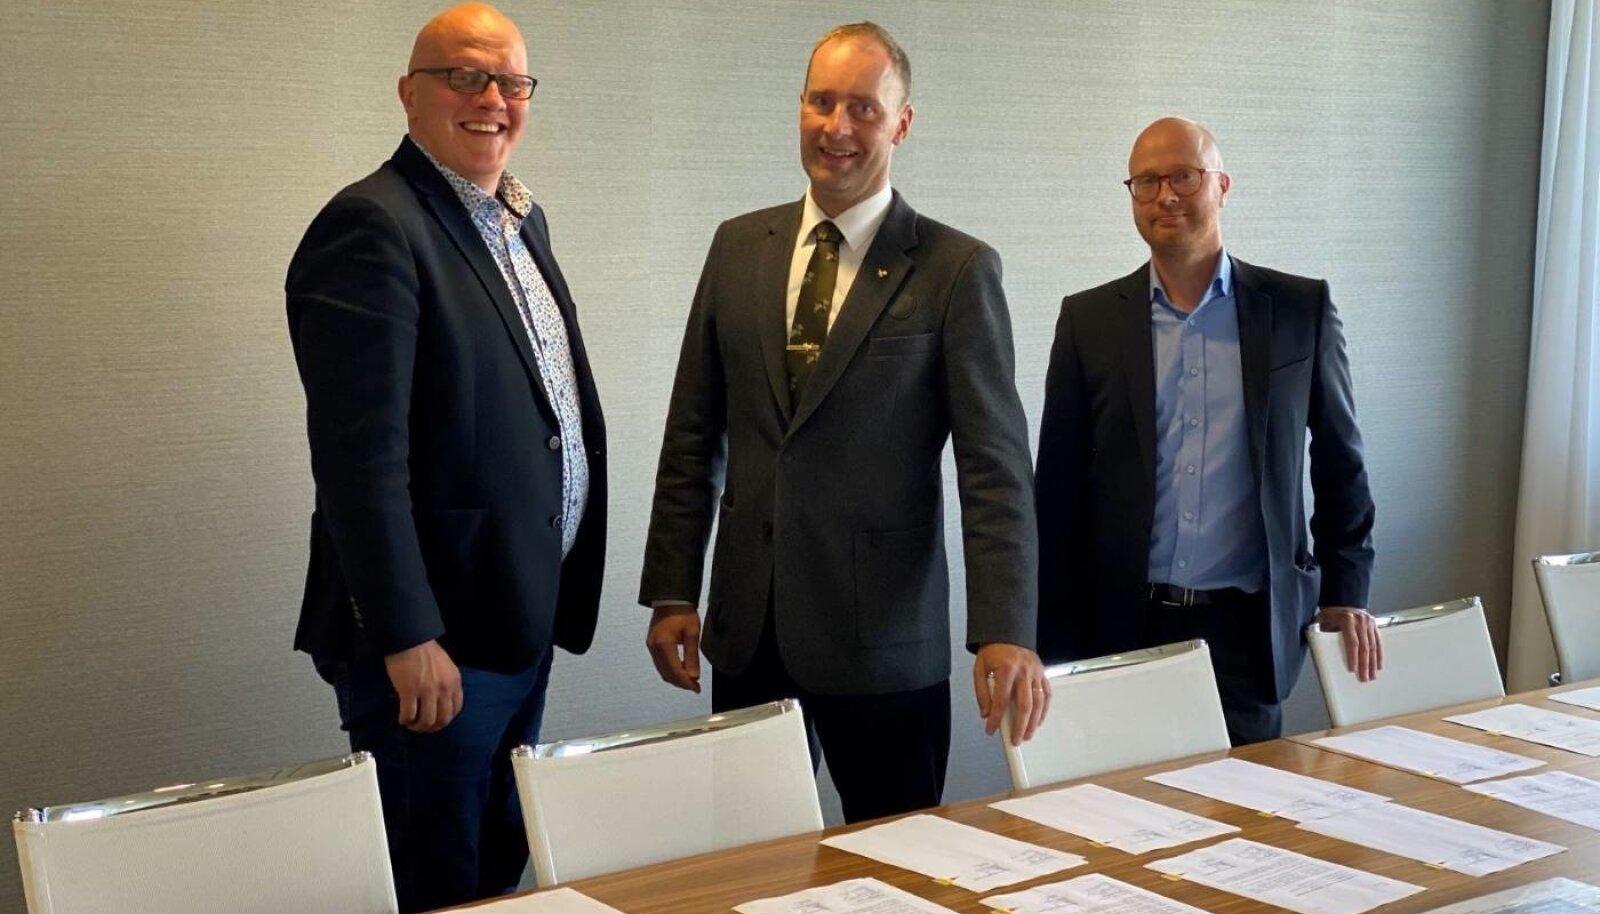 Enefit Greeni juhatuse esimees Aavo Kärmas (vasakult), Metsähallituse kinnisvara arendamise üksuse juht Tuomas Hallenberg ja Metsähallituse tuuleenergia juht Otto Swanljung.